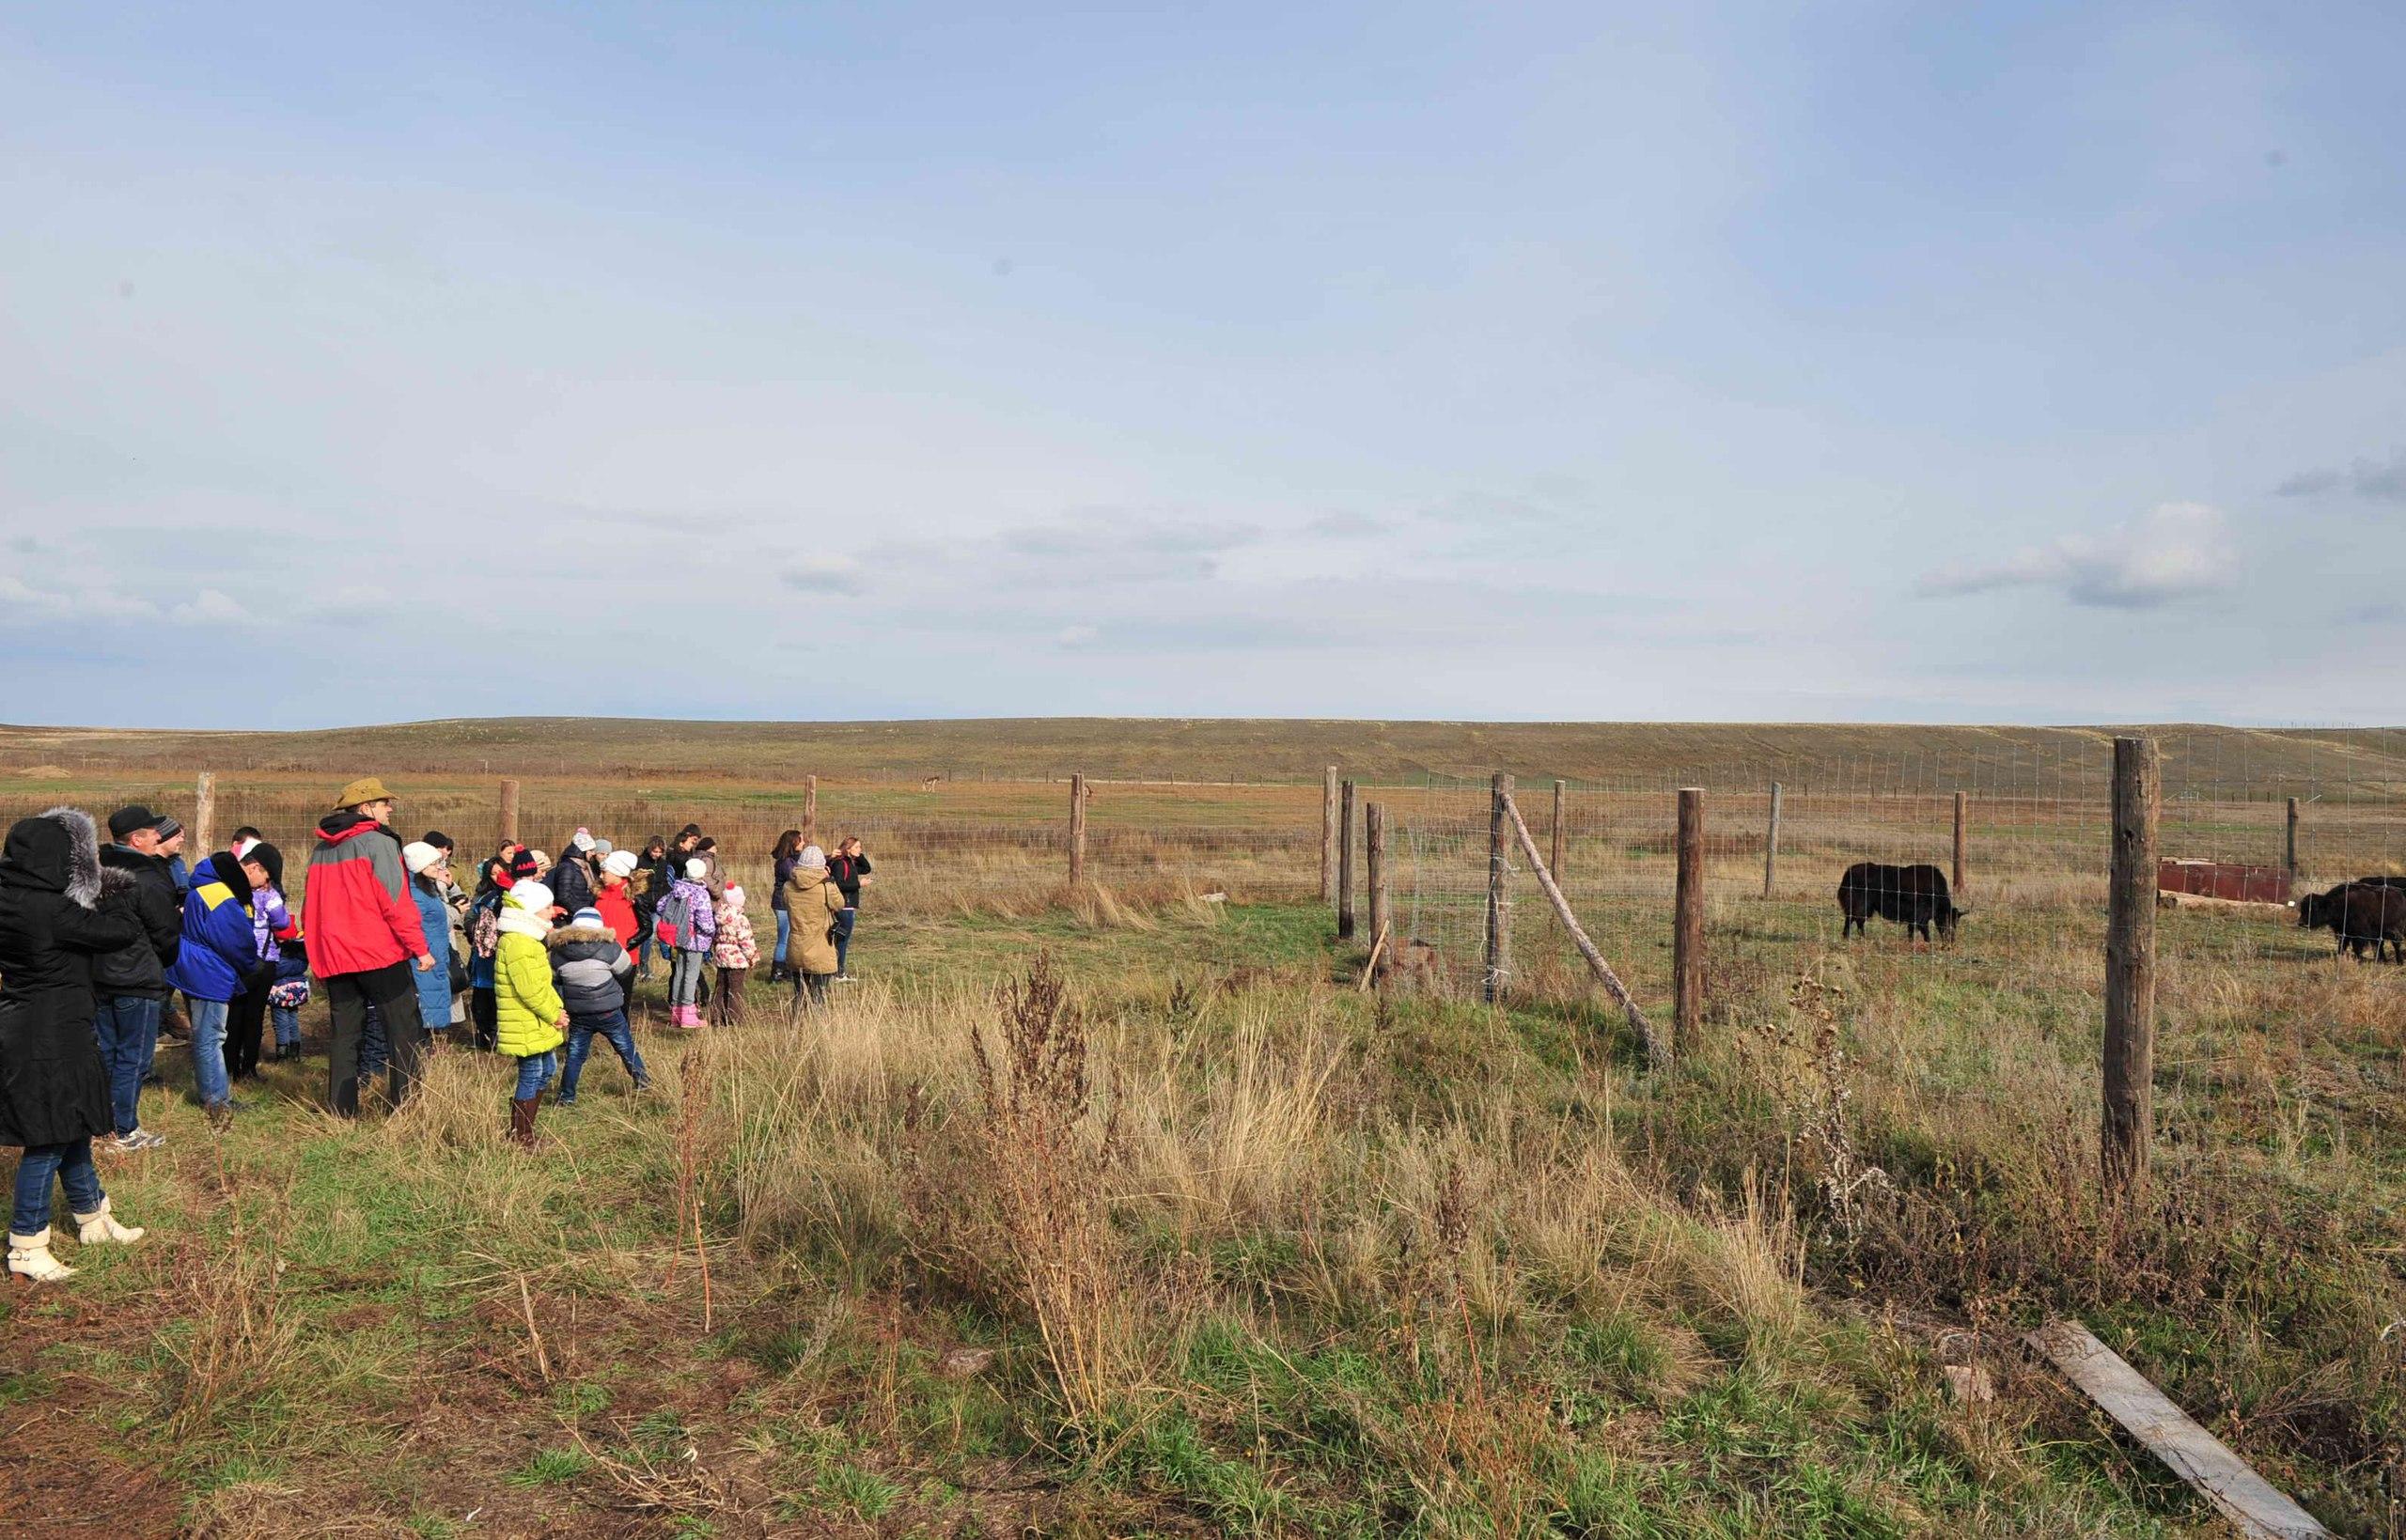 Экскурсионная группа у вольеров с яками